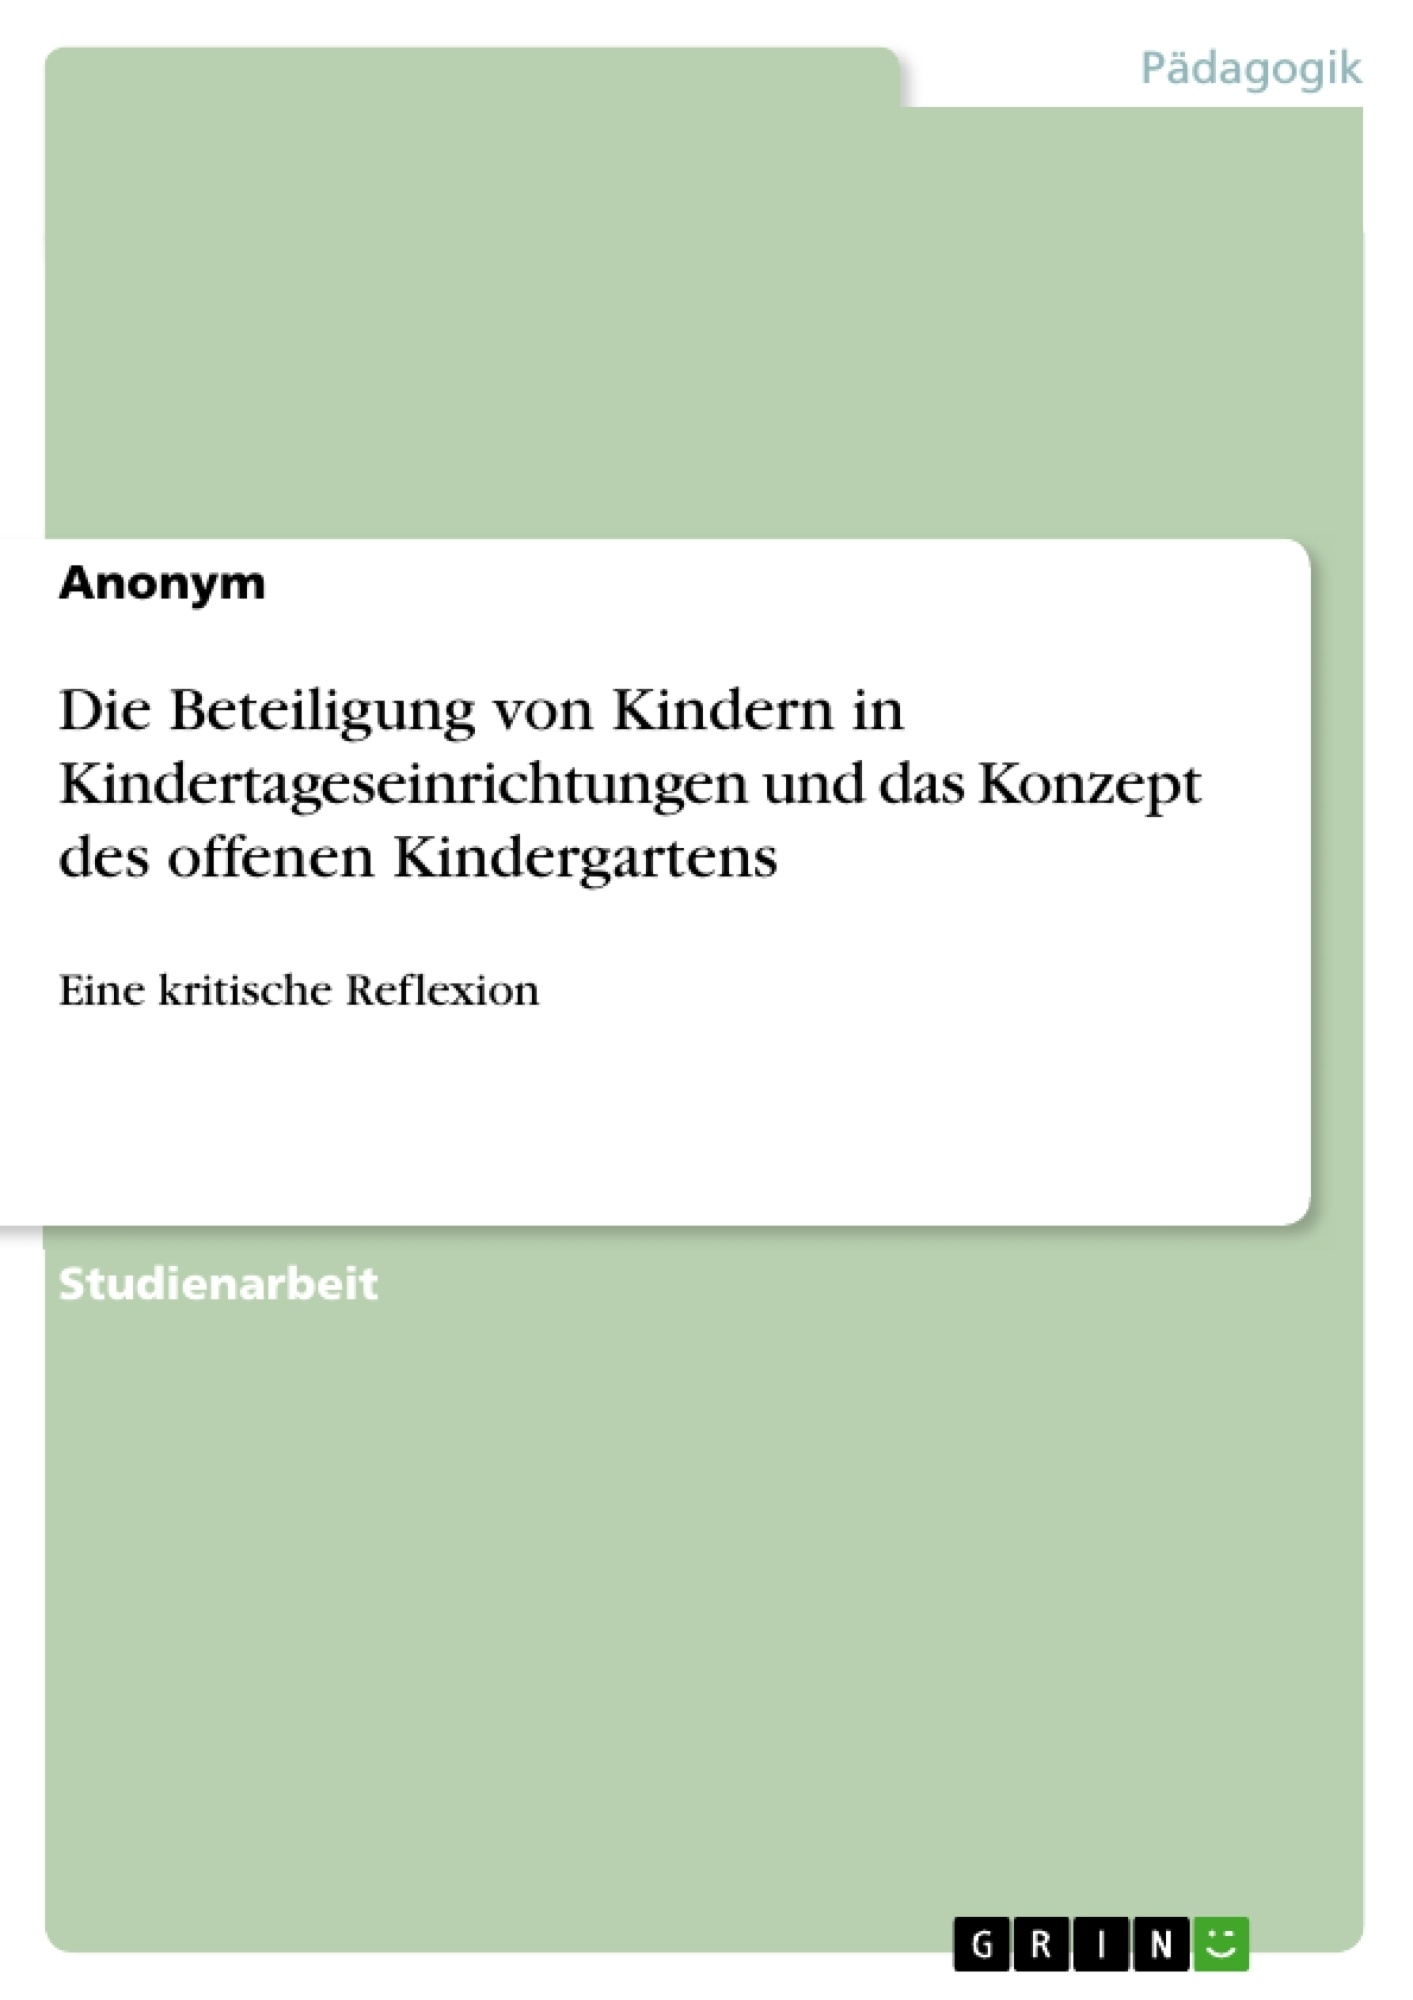 Titel: Die Beteiligung von Kindern in Kindertageseinrichtungen und das Konzept des offenen Kindergartens